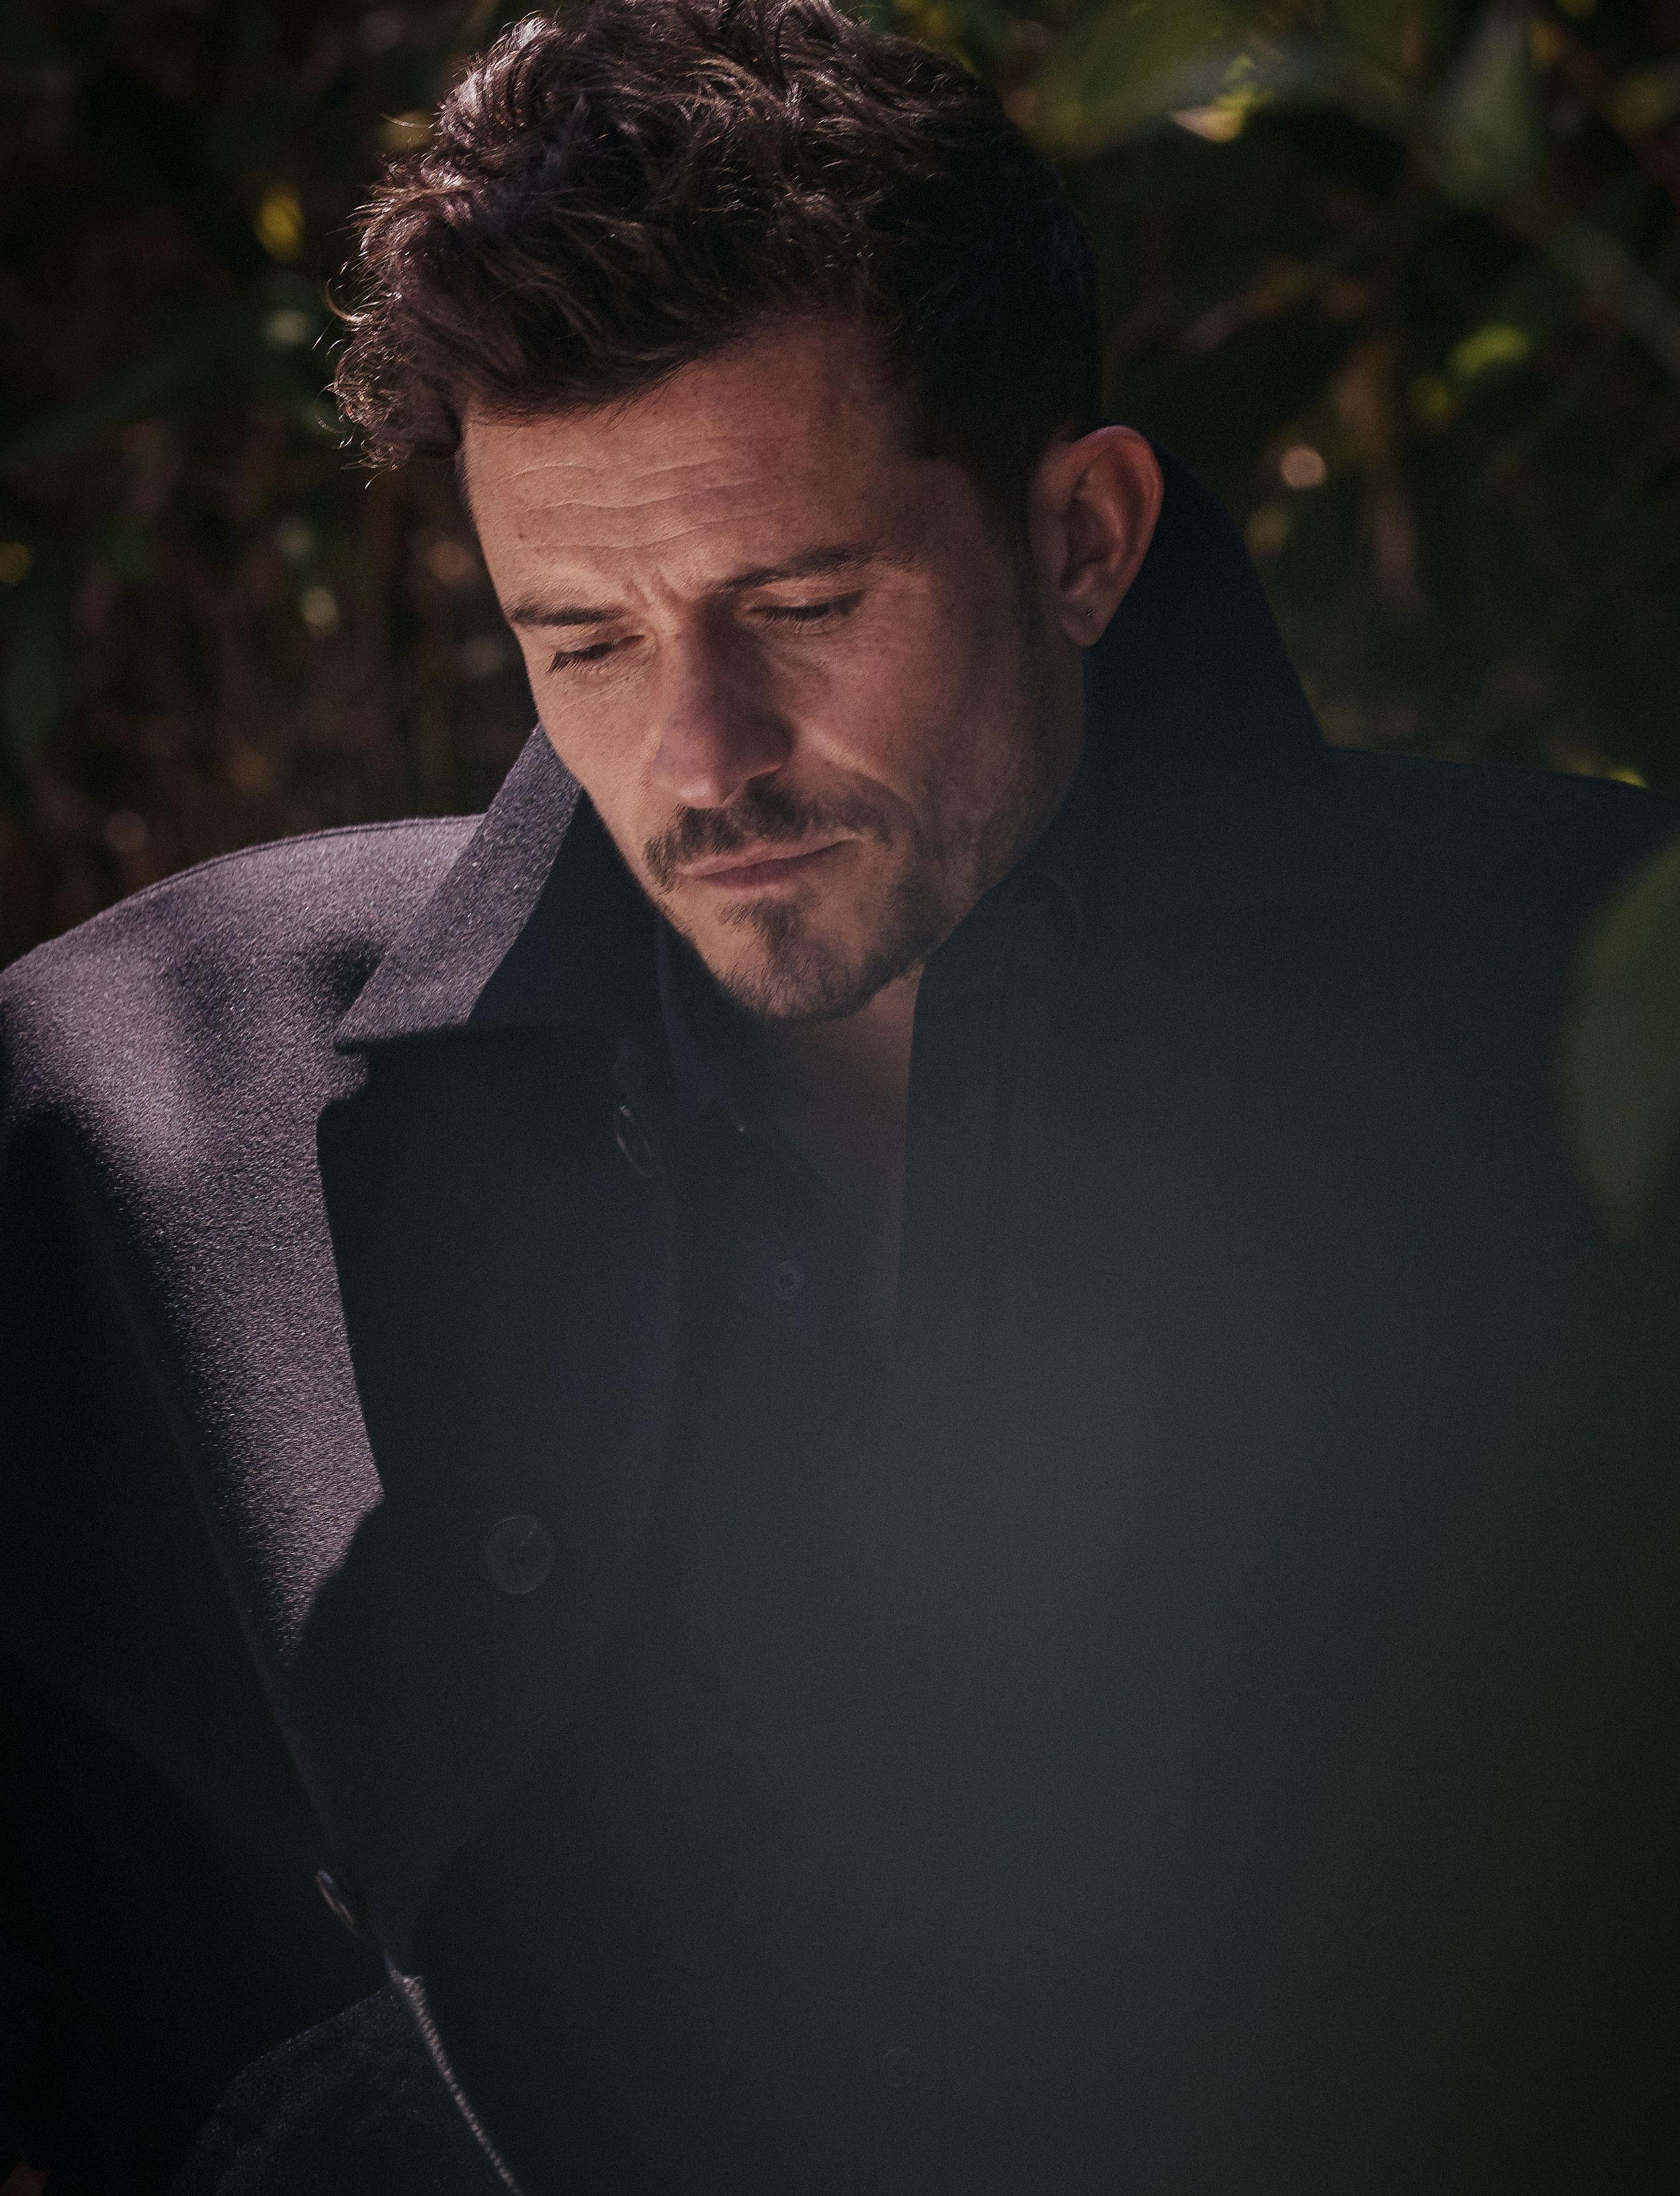 VALENTINO   coat and shirt.